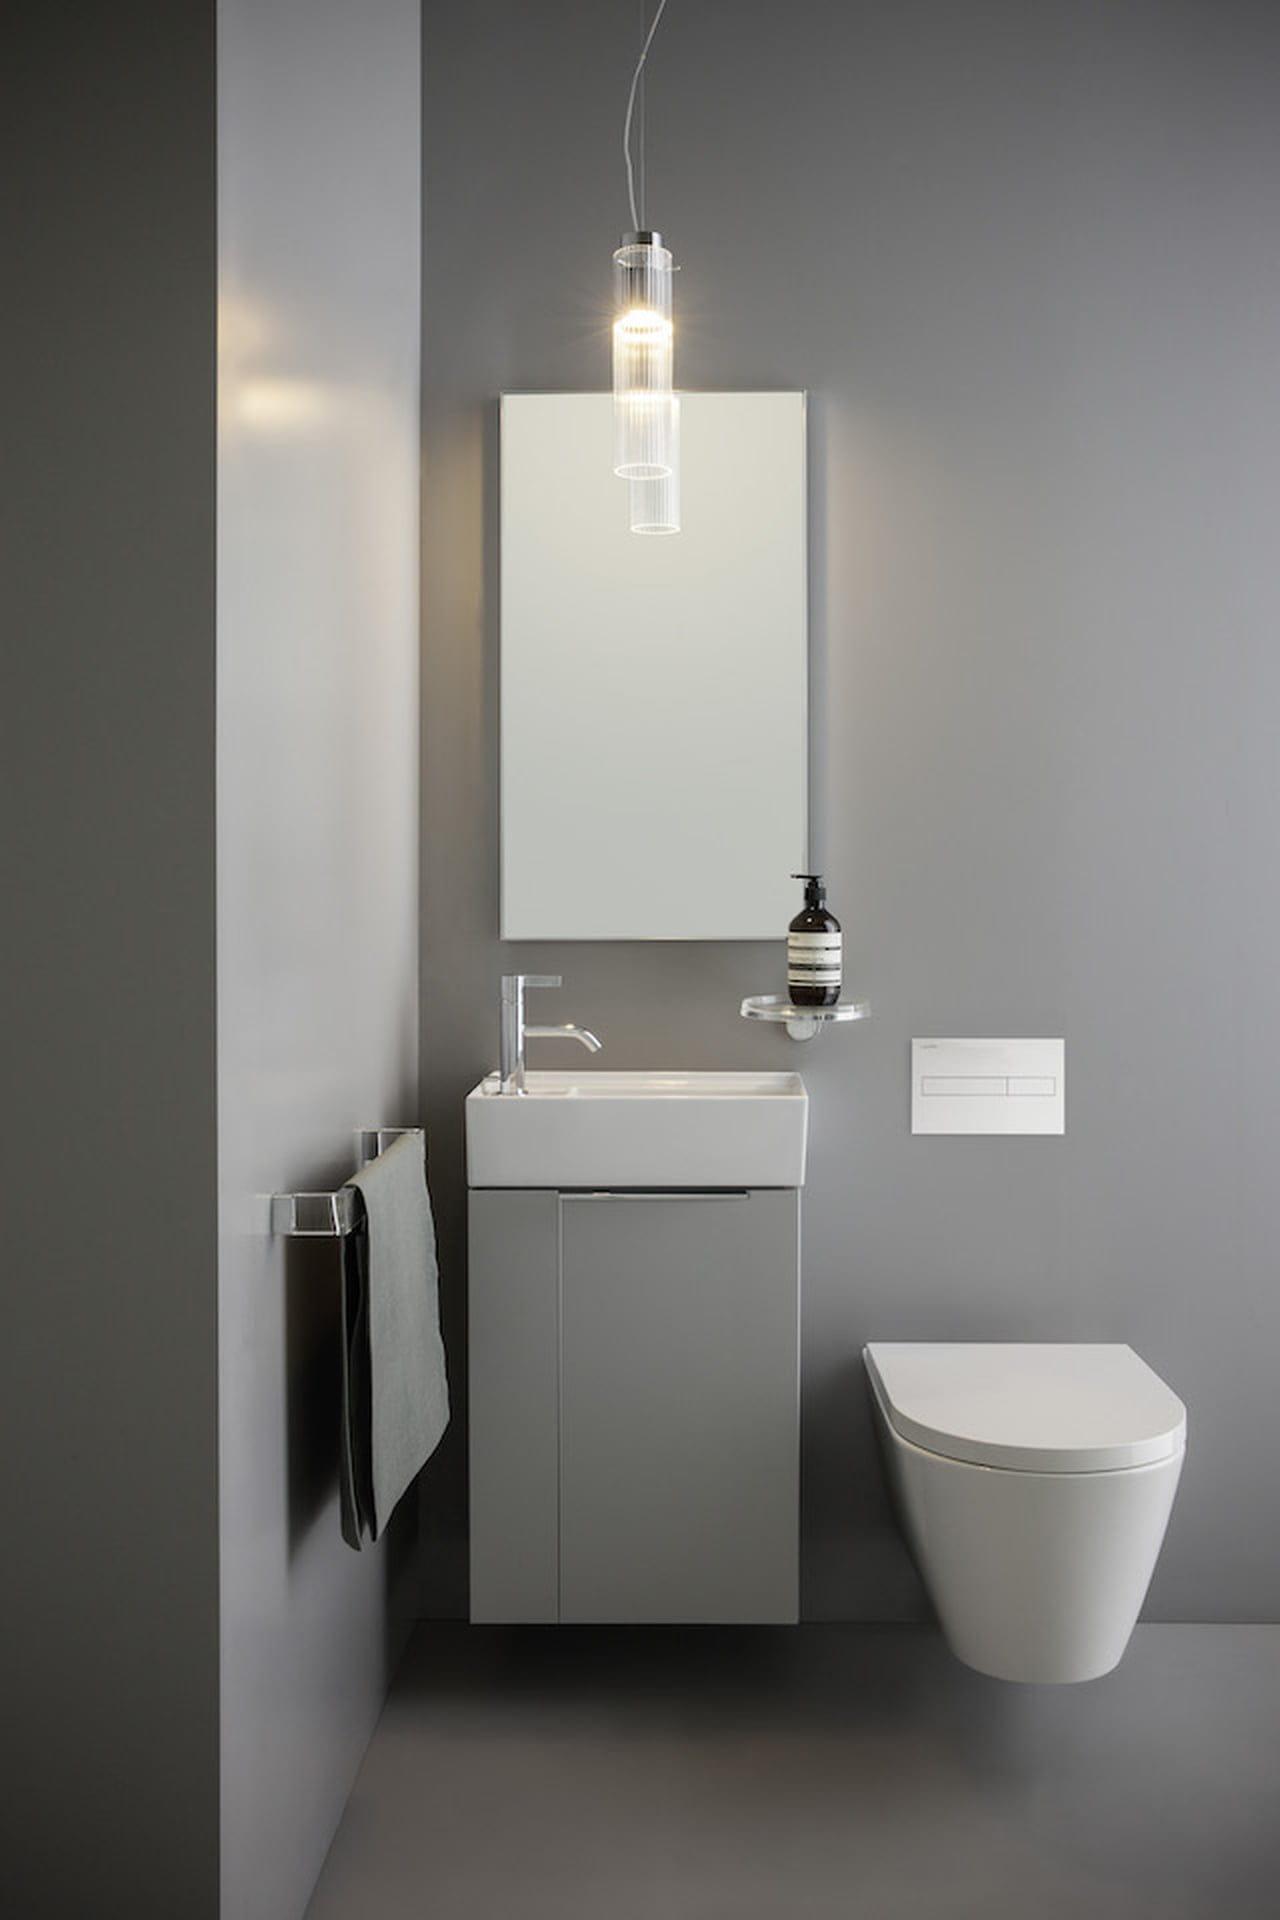 bagno piccolo: soluzioni per sfruttare lo spazio